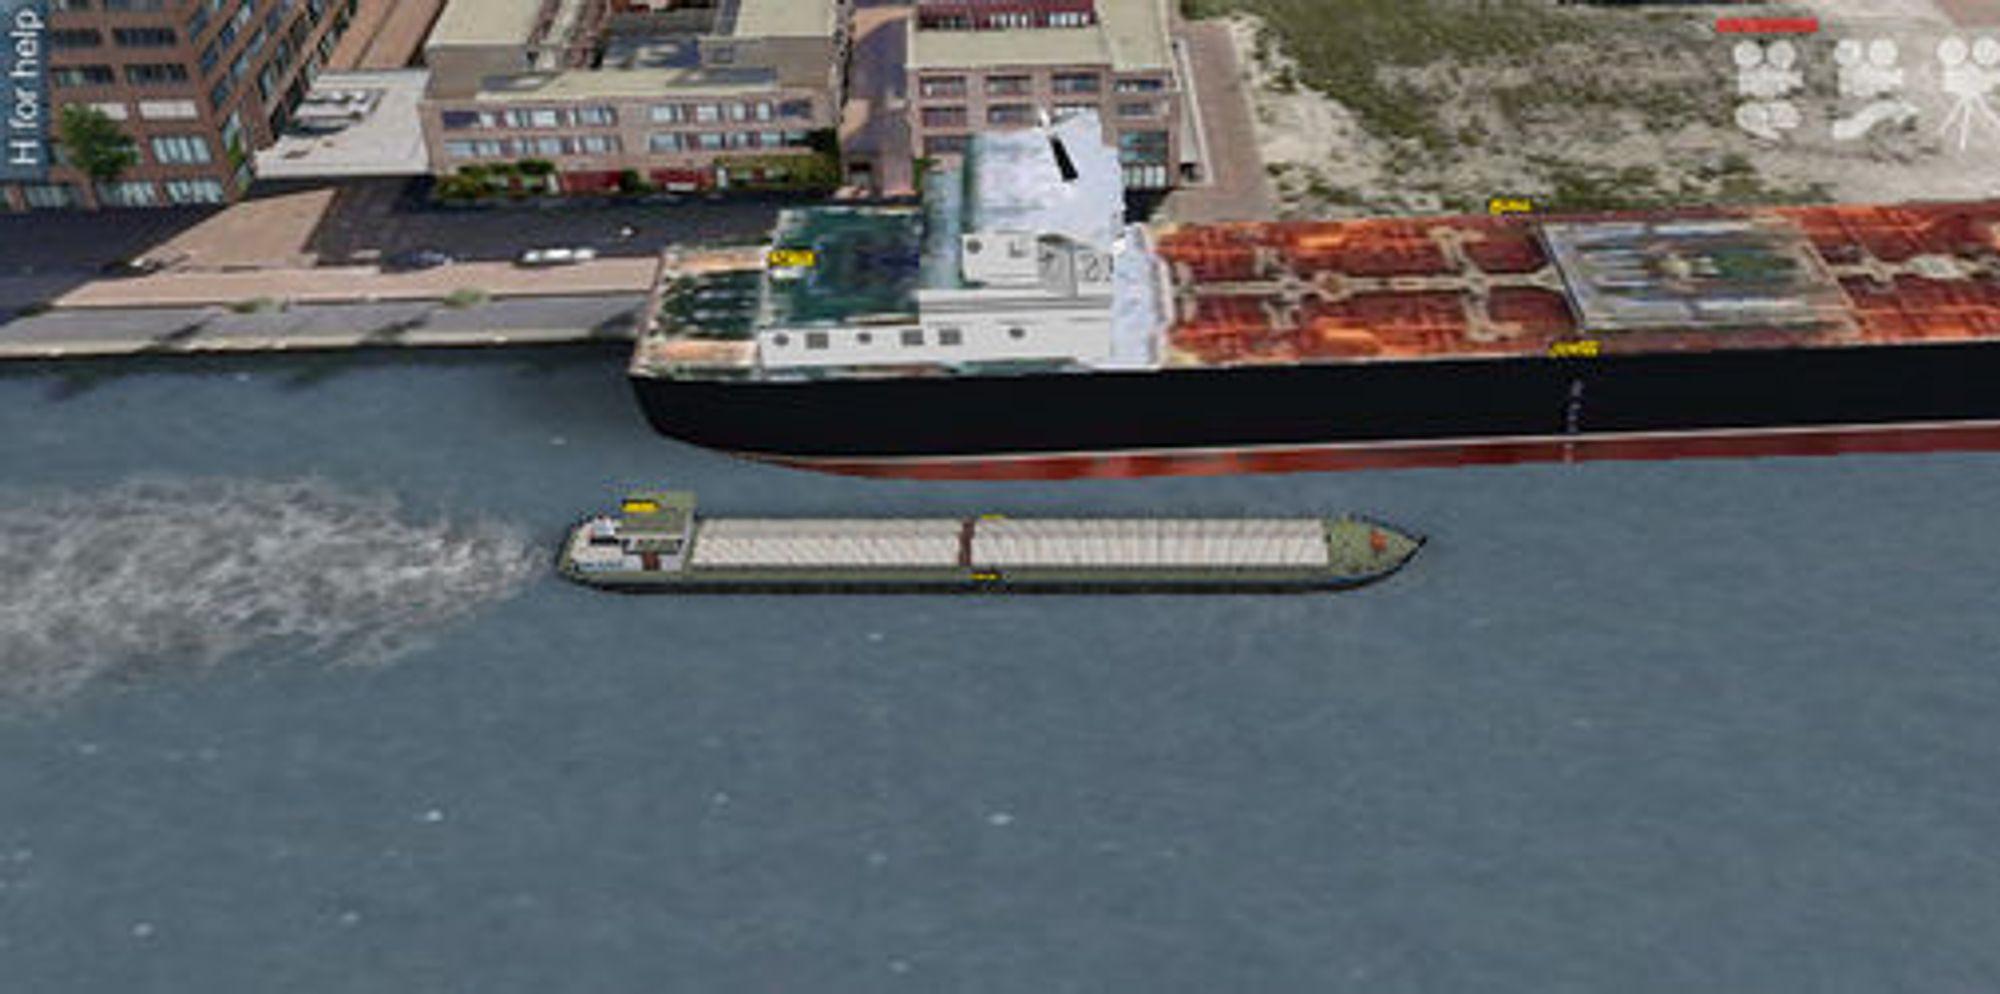 Det kan være greit å prøve med et forholdsvis lite skip først. Her en elvelekter.